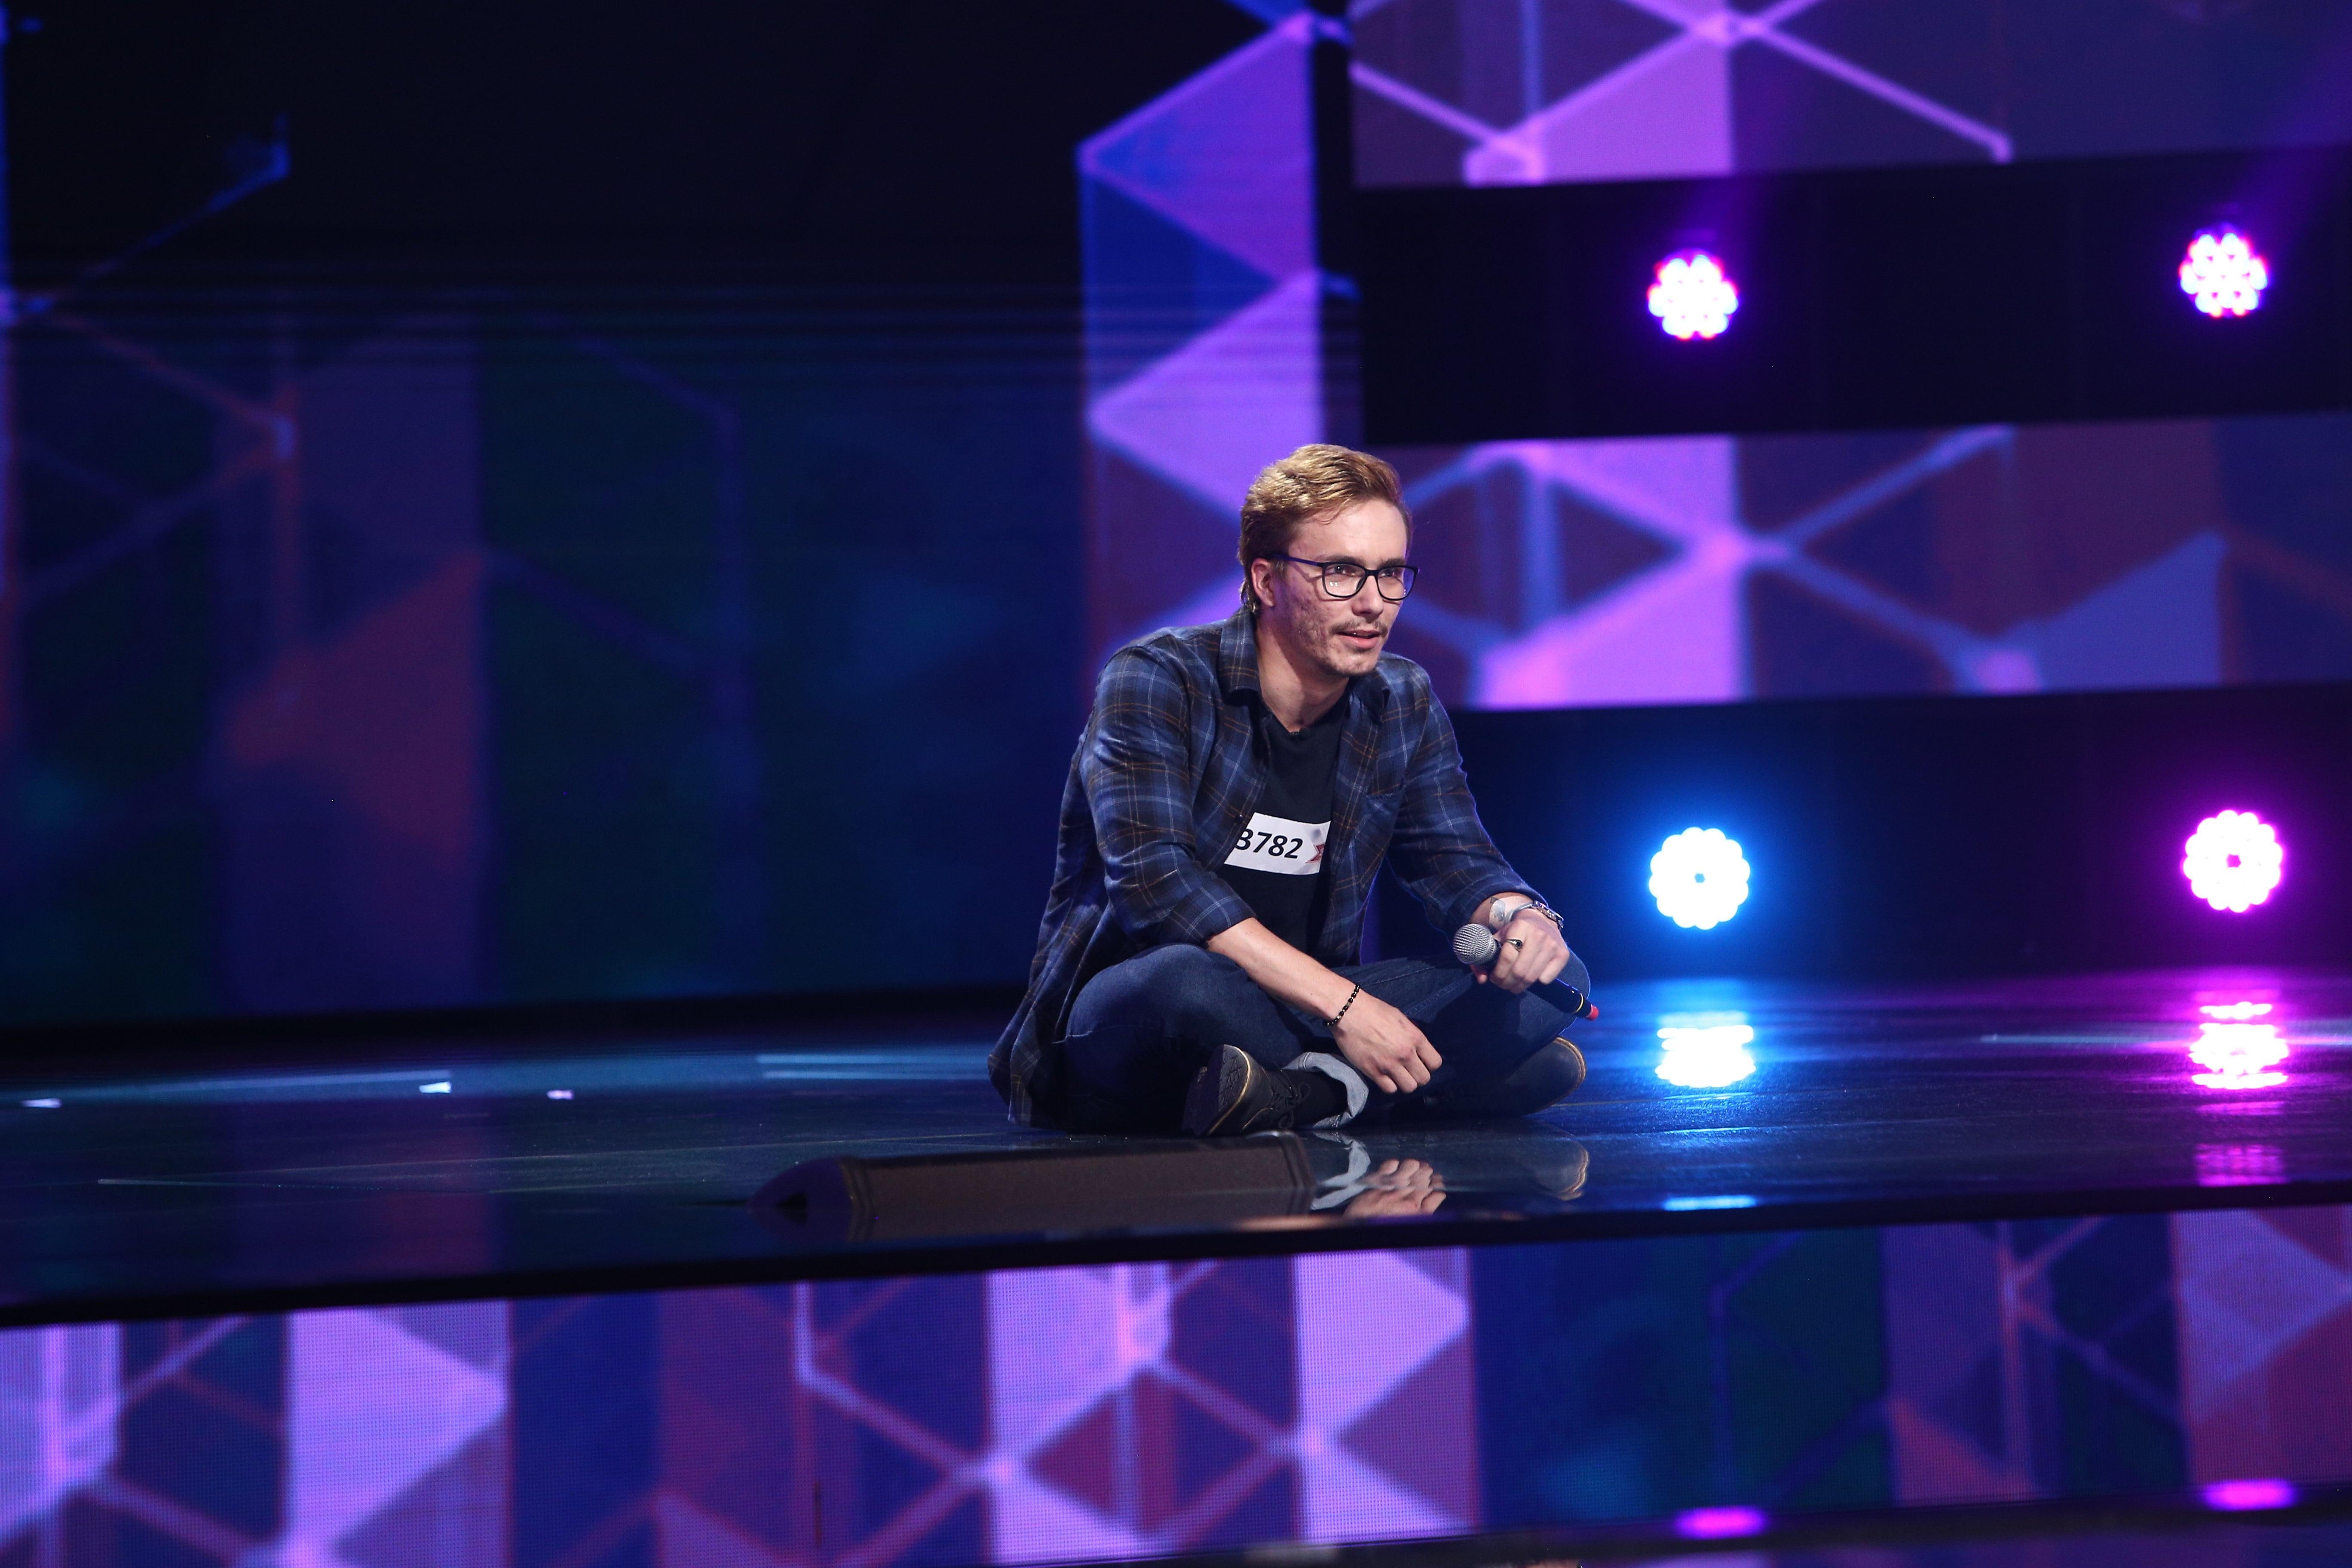 X Factor 2021, 10 septembrie. Claudiu Moise, concurentul care a făcut-o pe Loredana să plângă cu o piesă compusă chiar de el